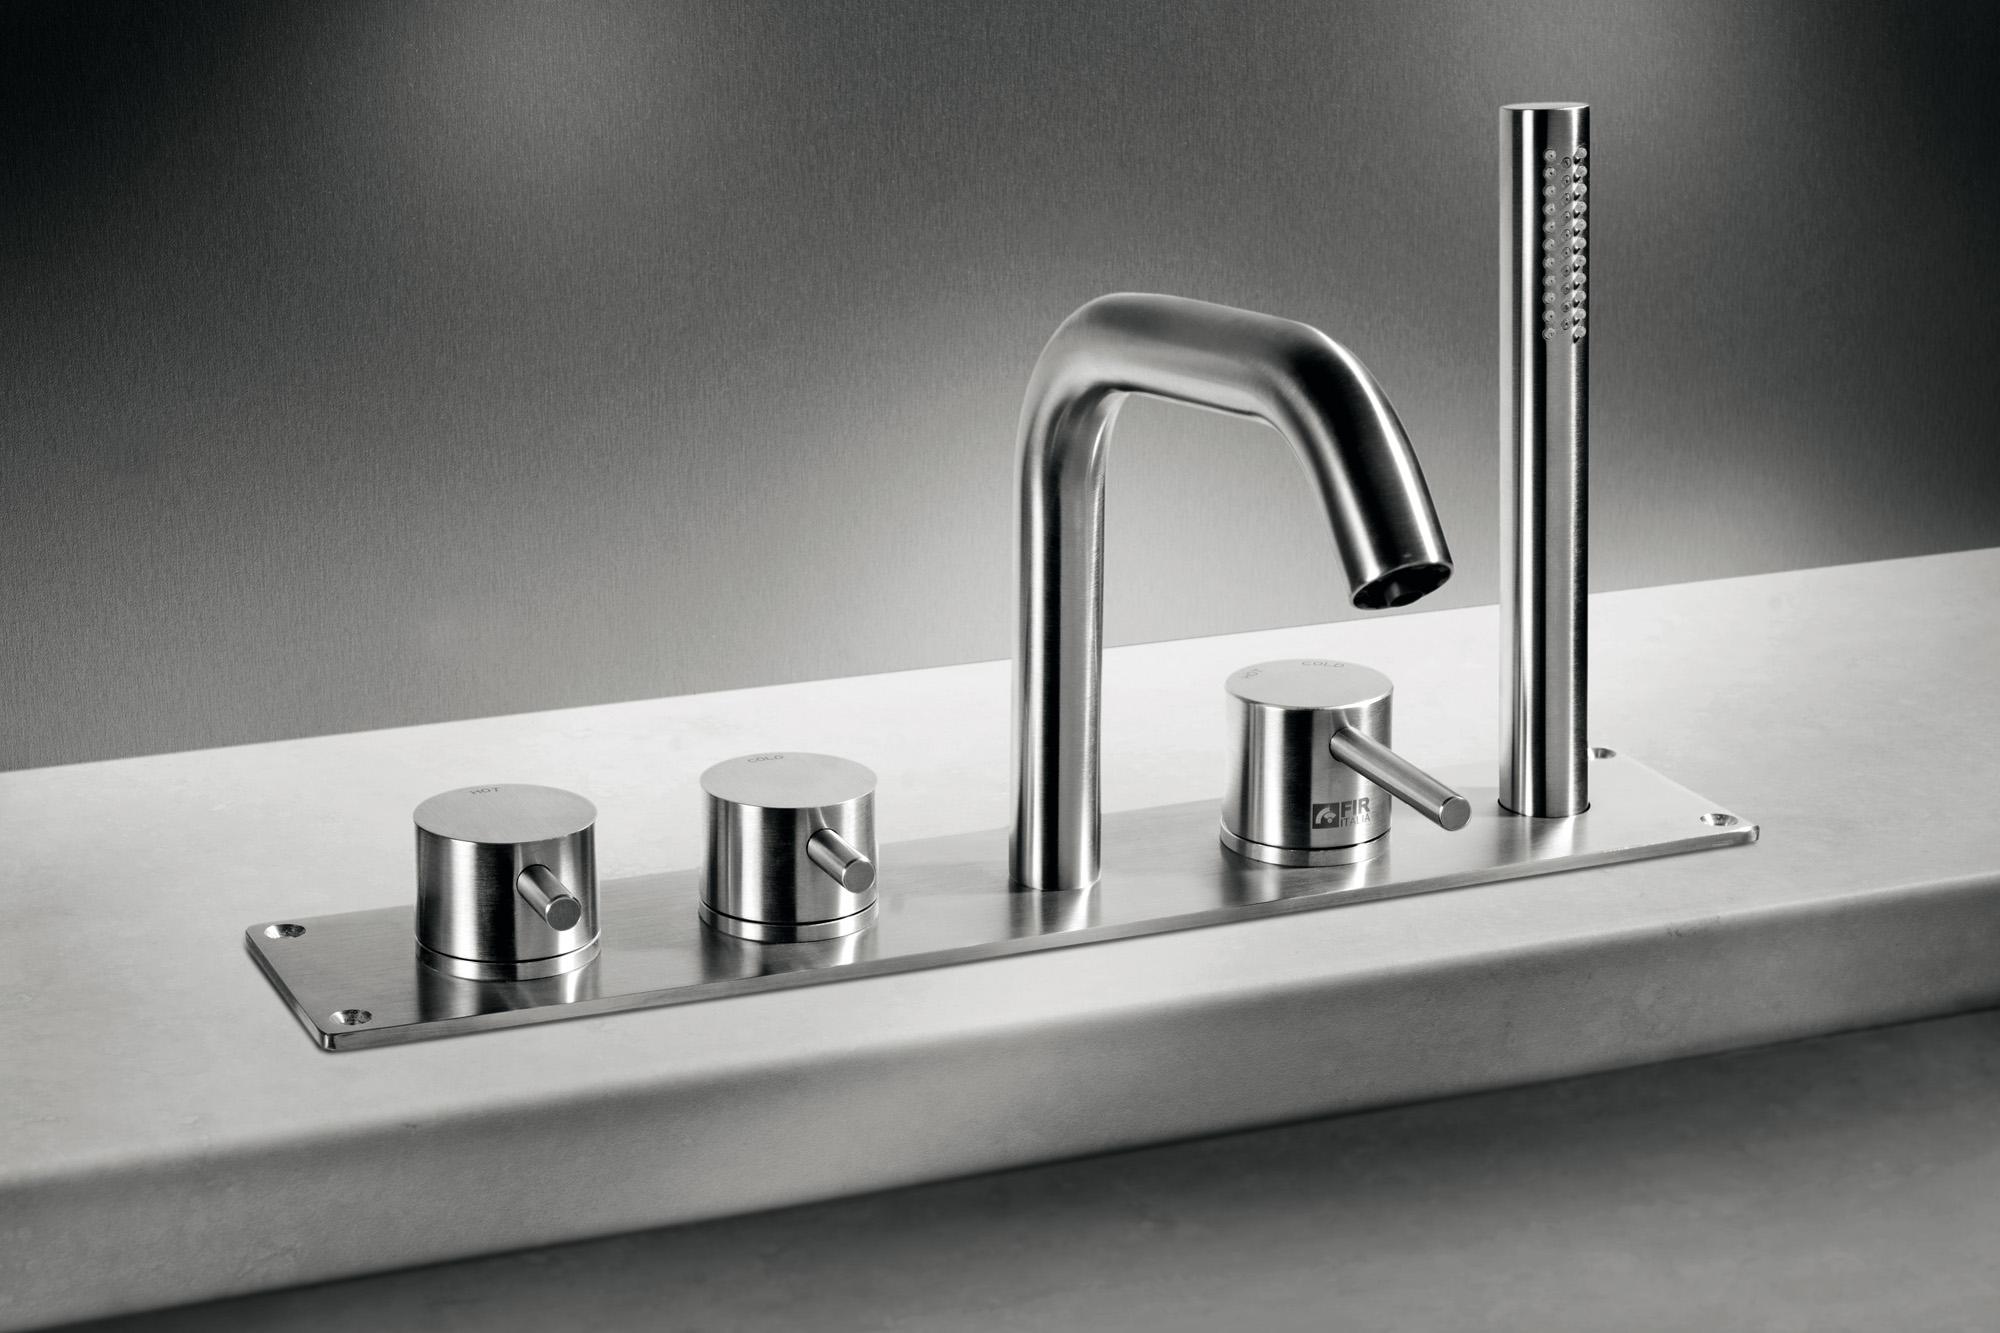 Rubinetterie e soffioni doccia in acciaio inossidabile - Bordo vasca da bagno ...